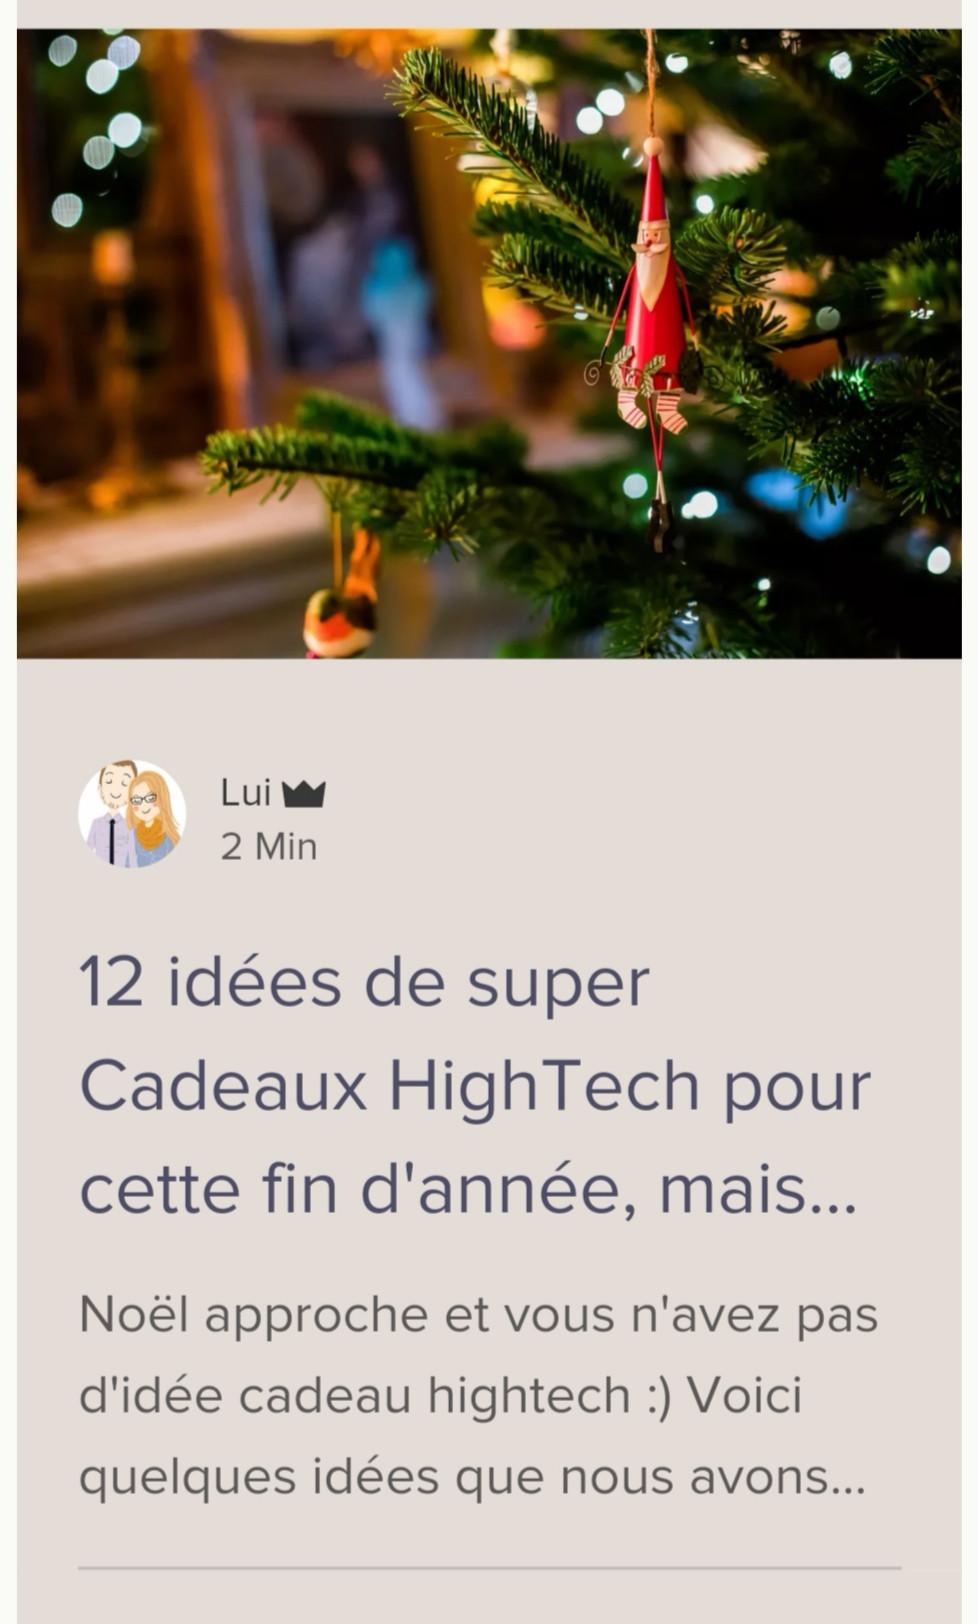 Cadeaux High tech